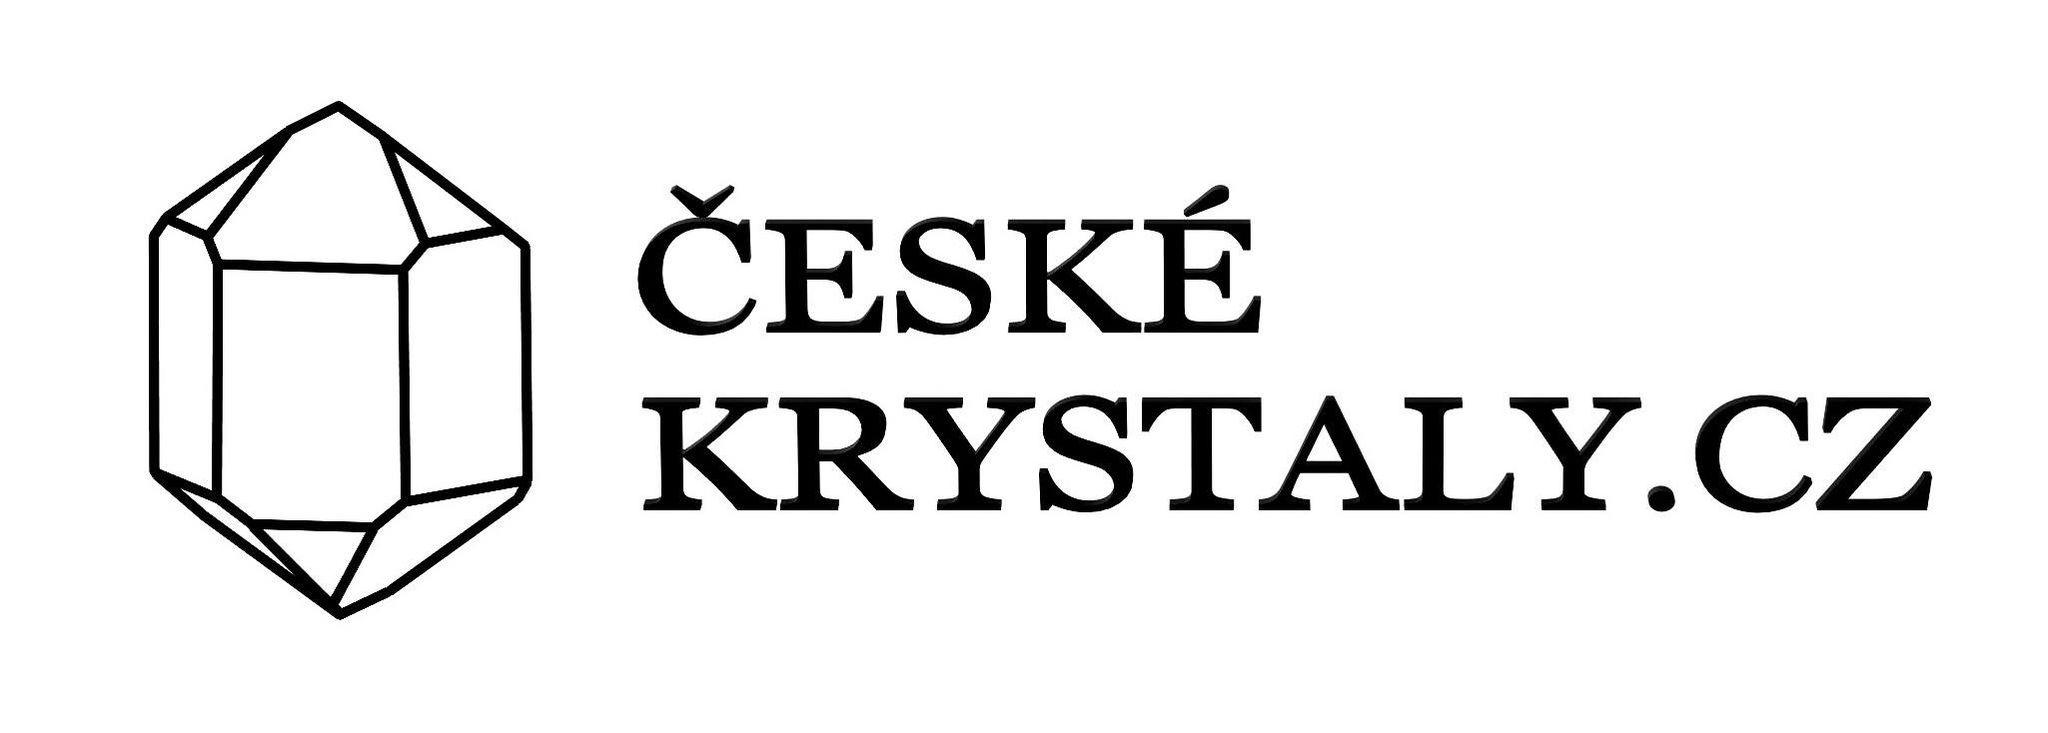 České krystaly